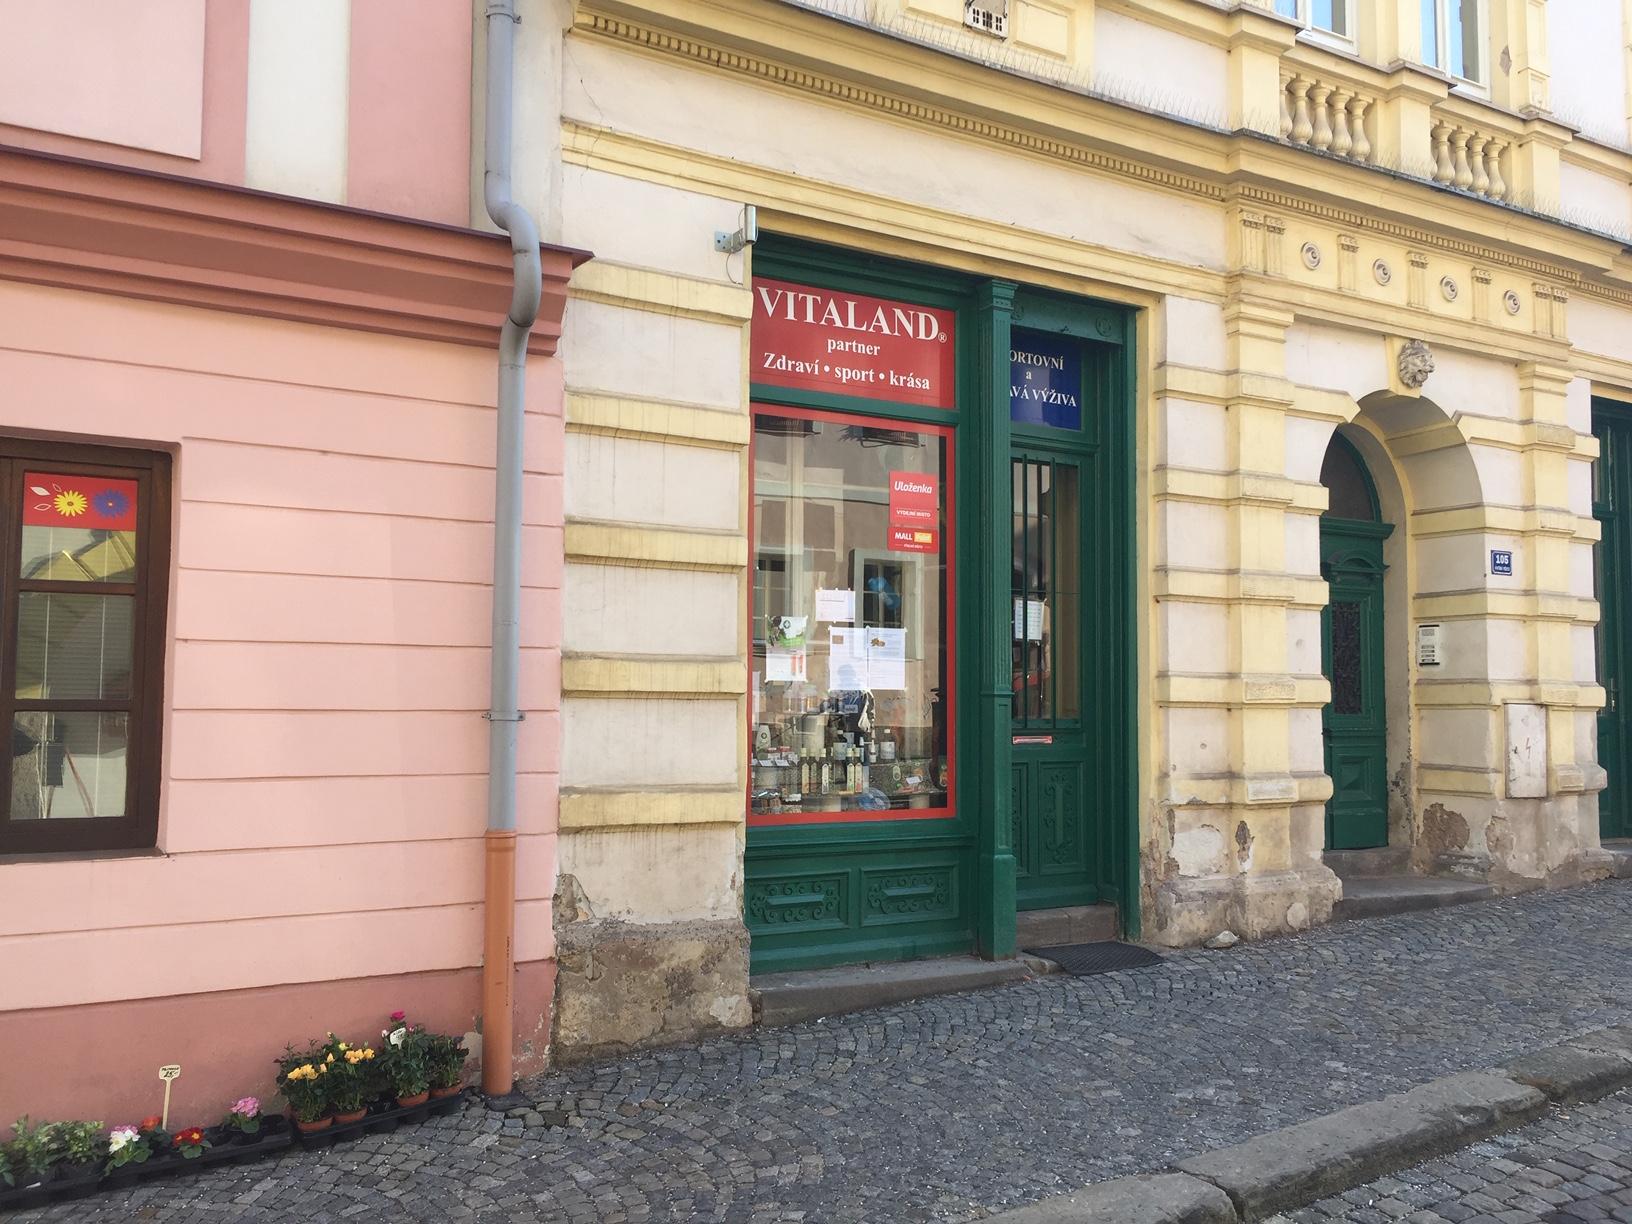 Pobočka Trutnov, Palackého 105 (Zdravá výživa)